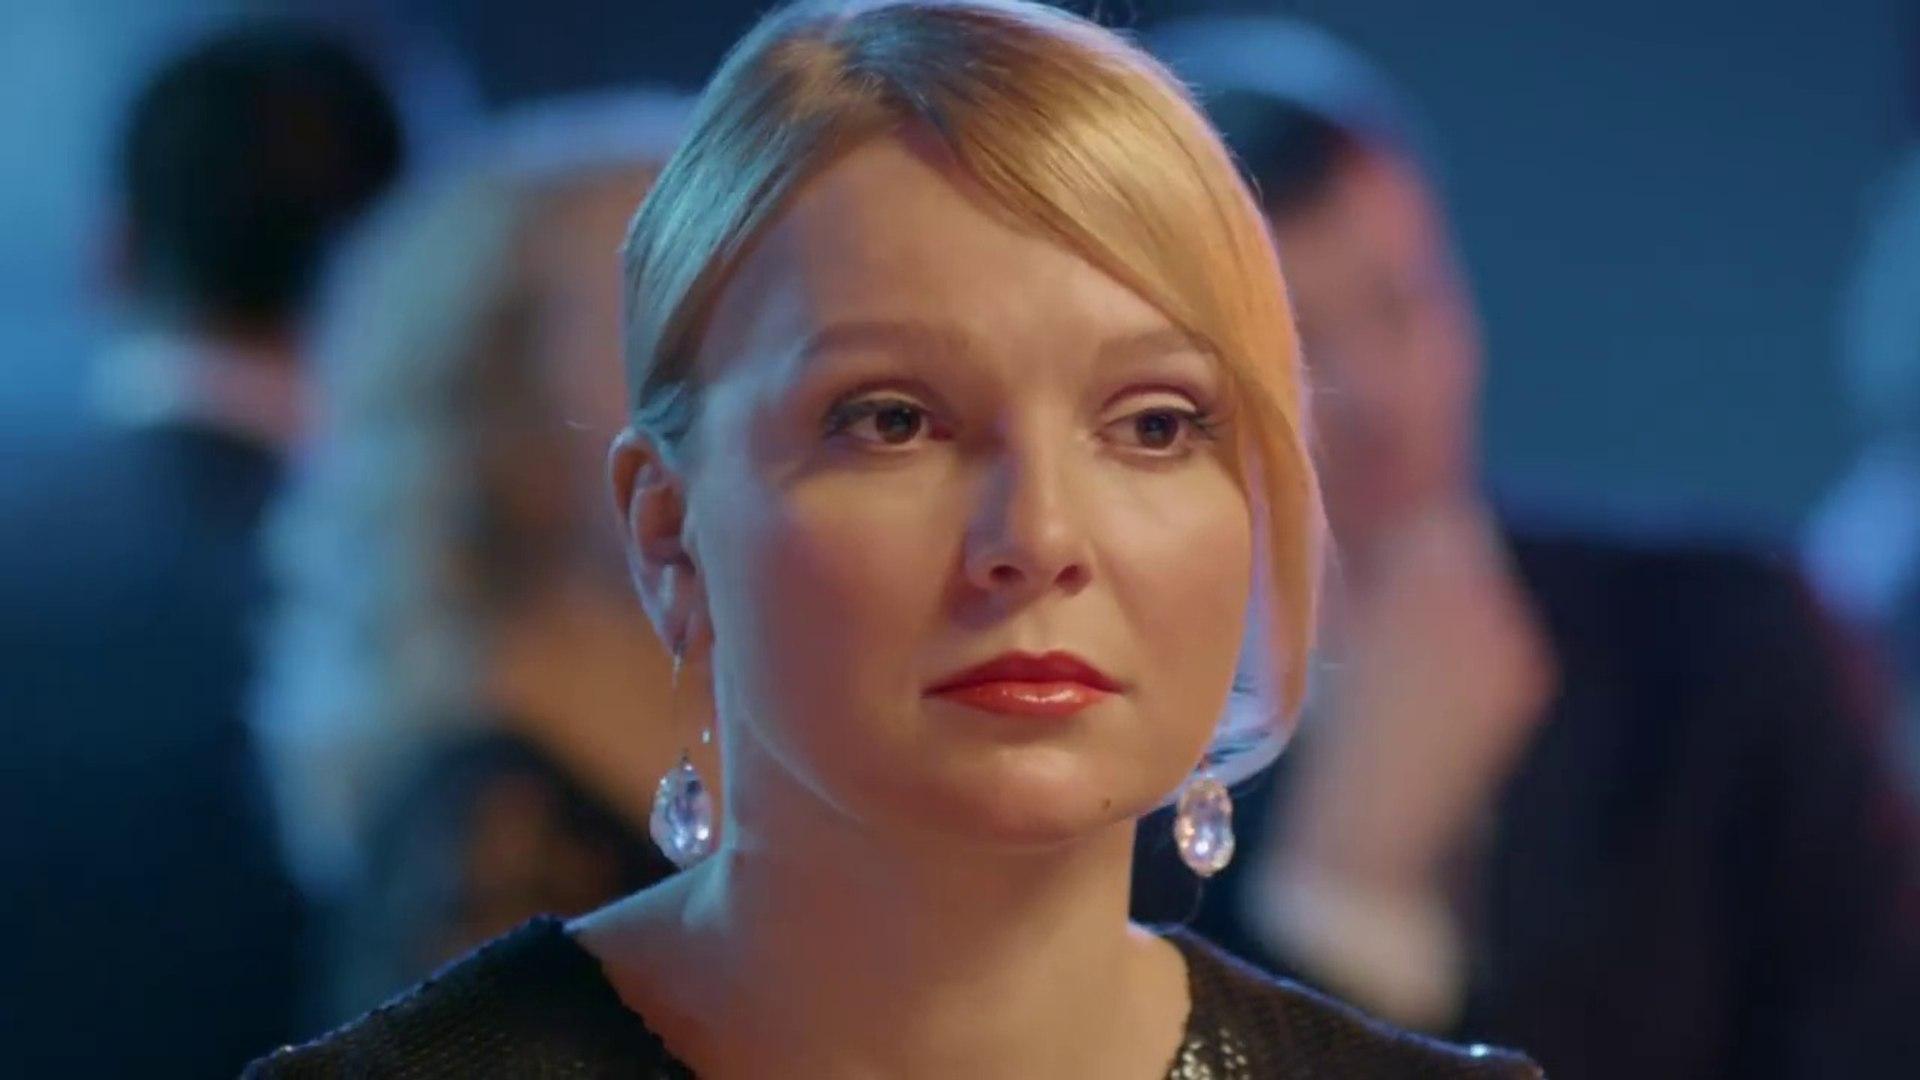 СУФЛЕР. Прекрасная Мелодрама 2018 HD! Русские Фильмы Мелодрамы